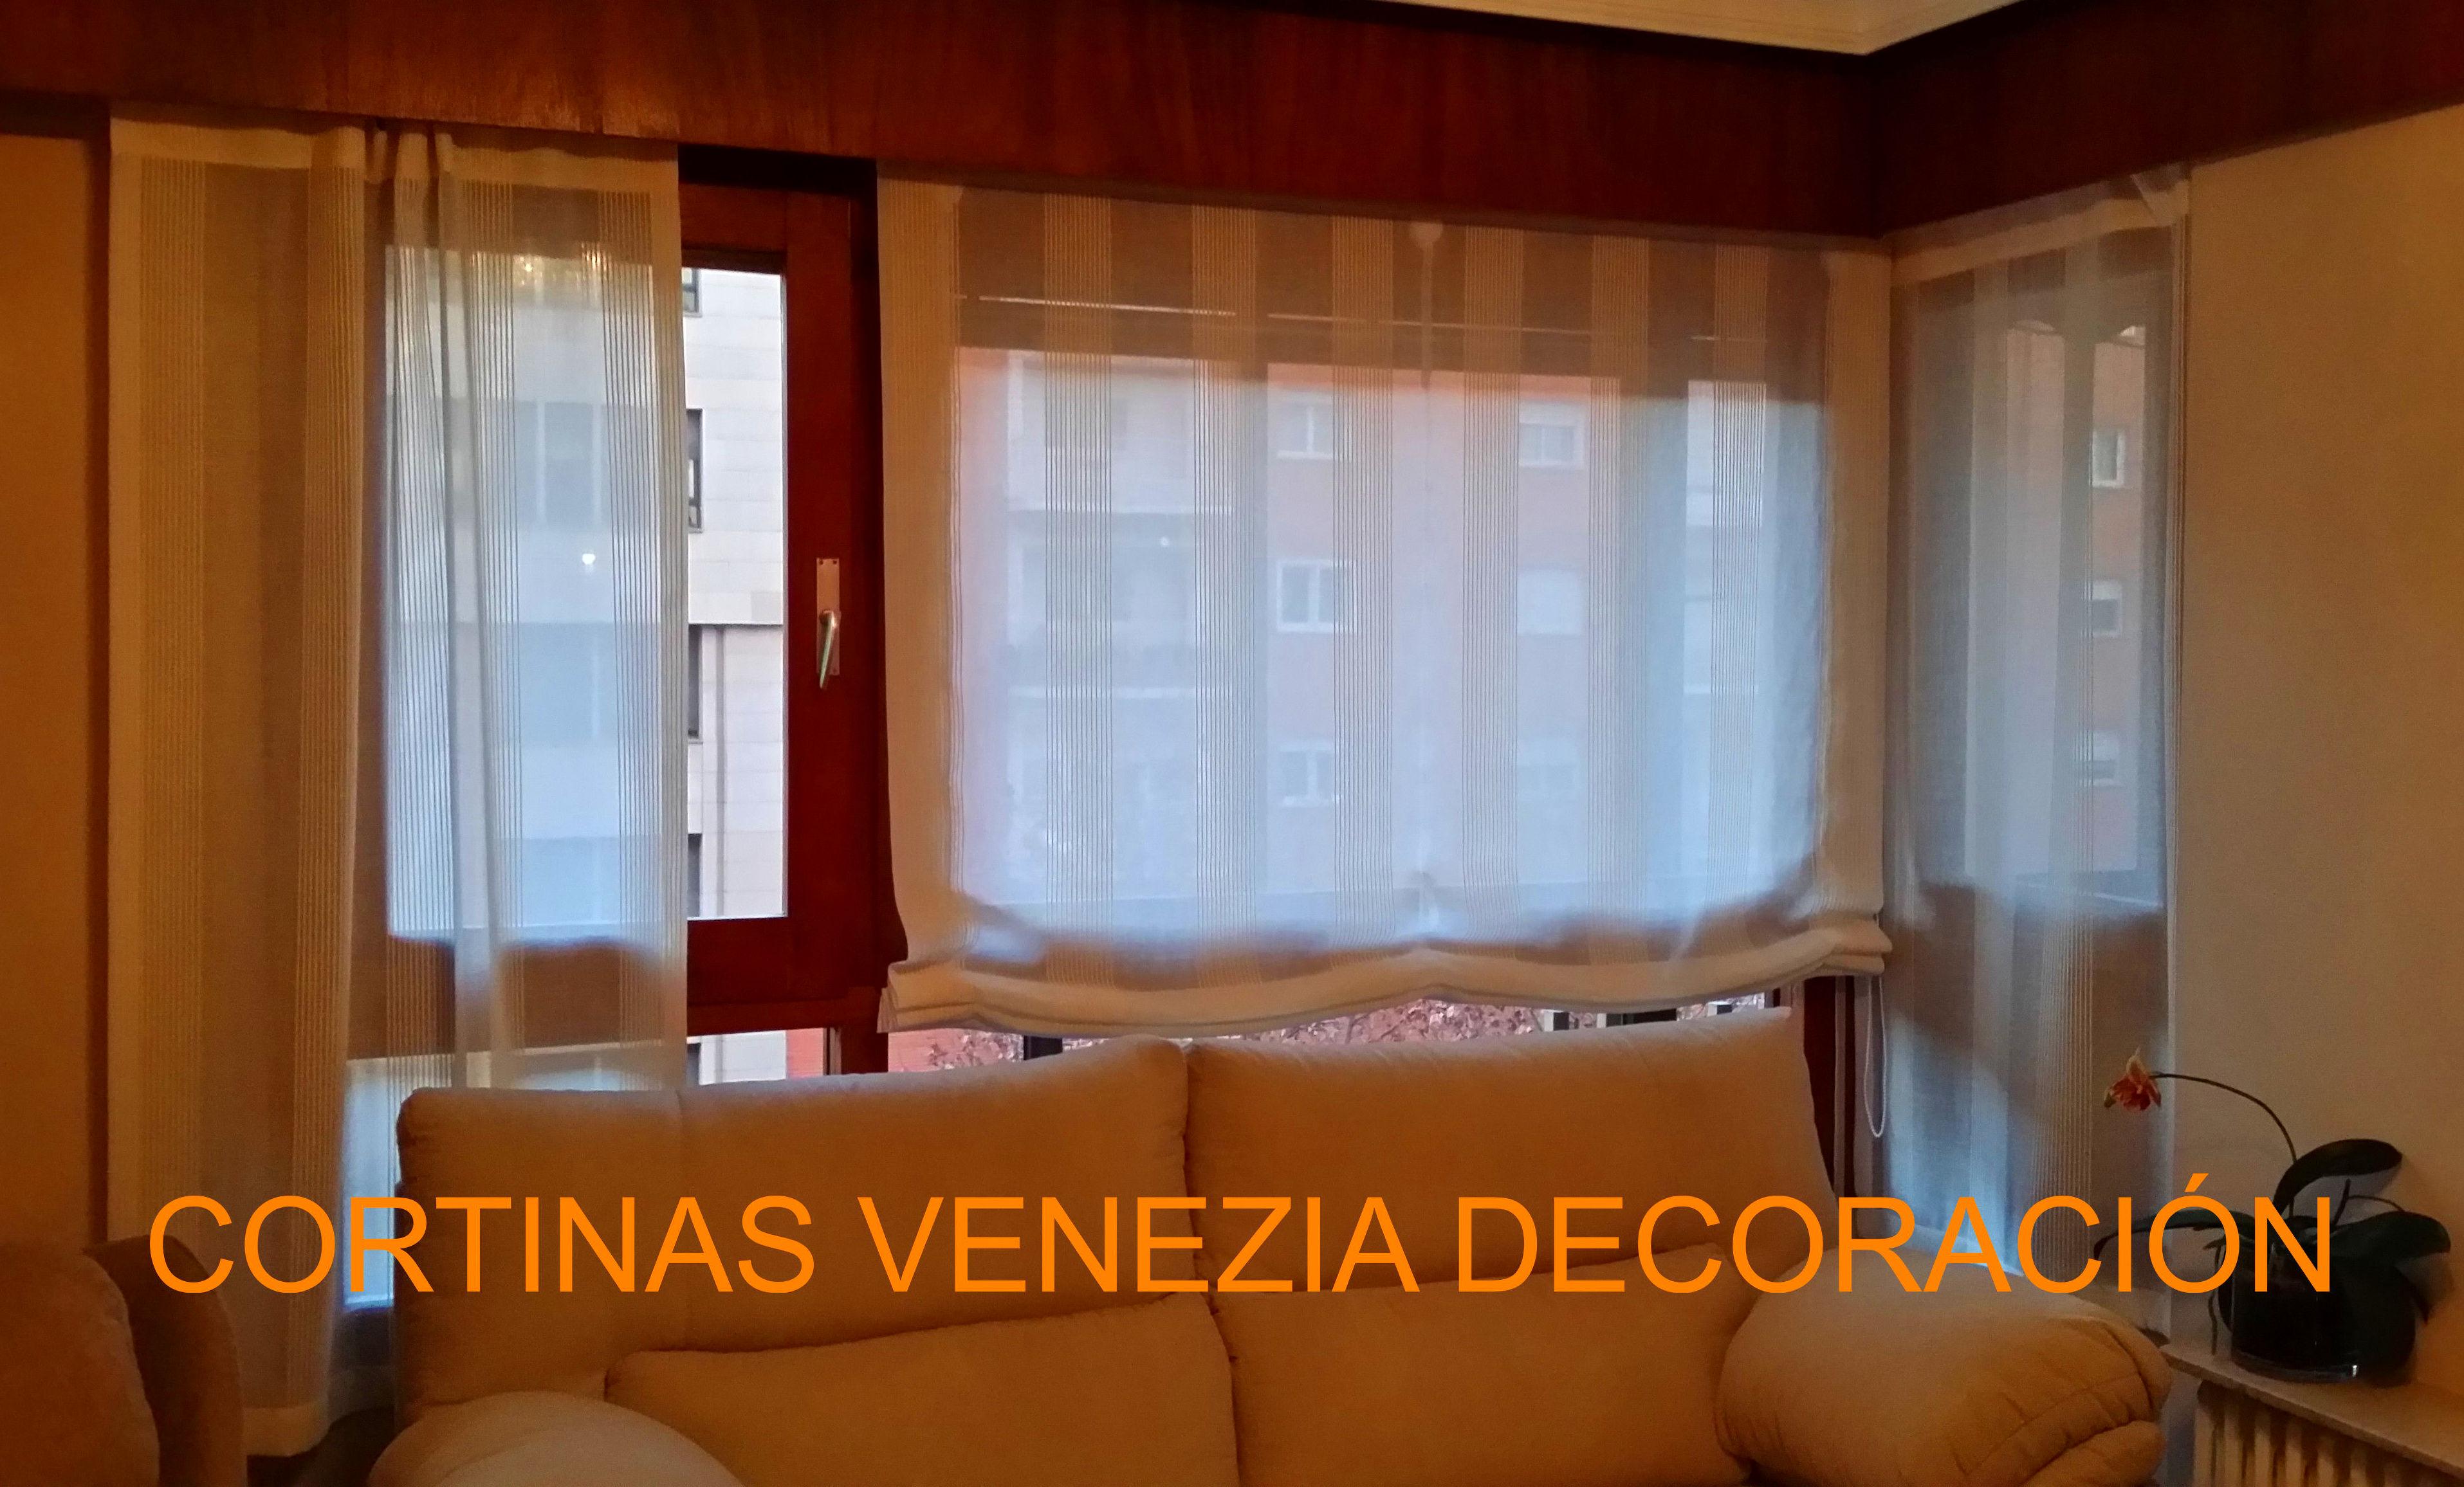 Foto 121 de Cortinas en Albacete | Venezia Decoración